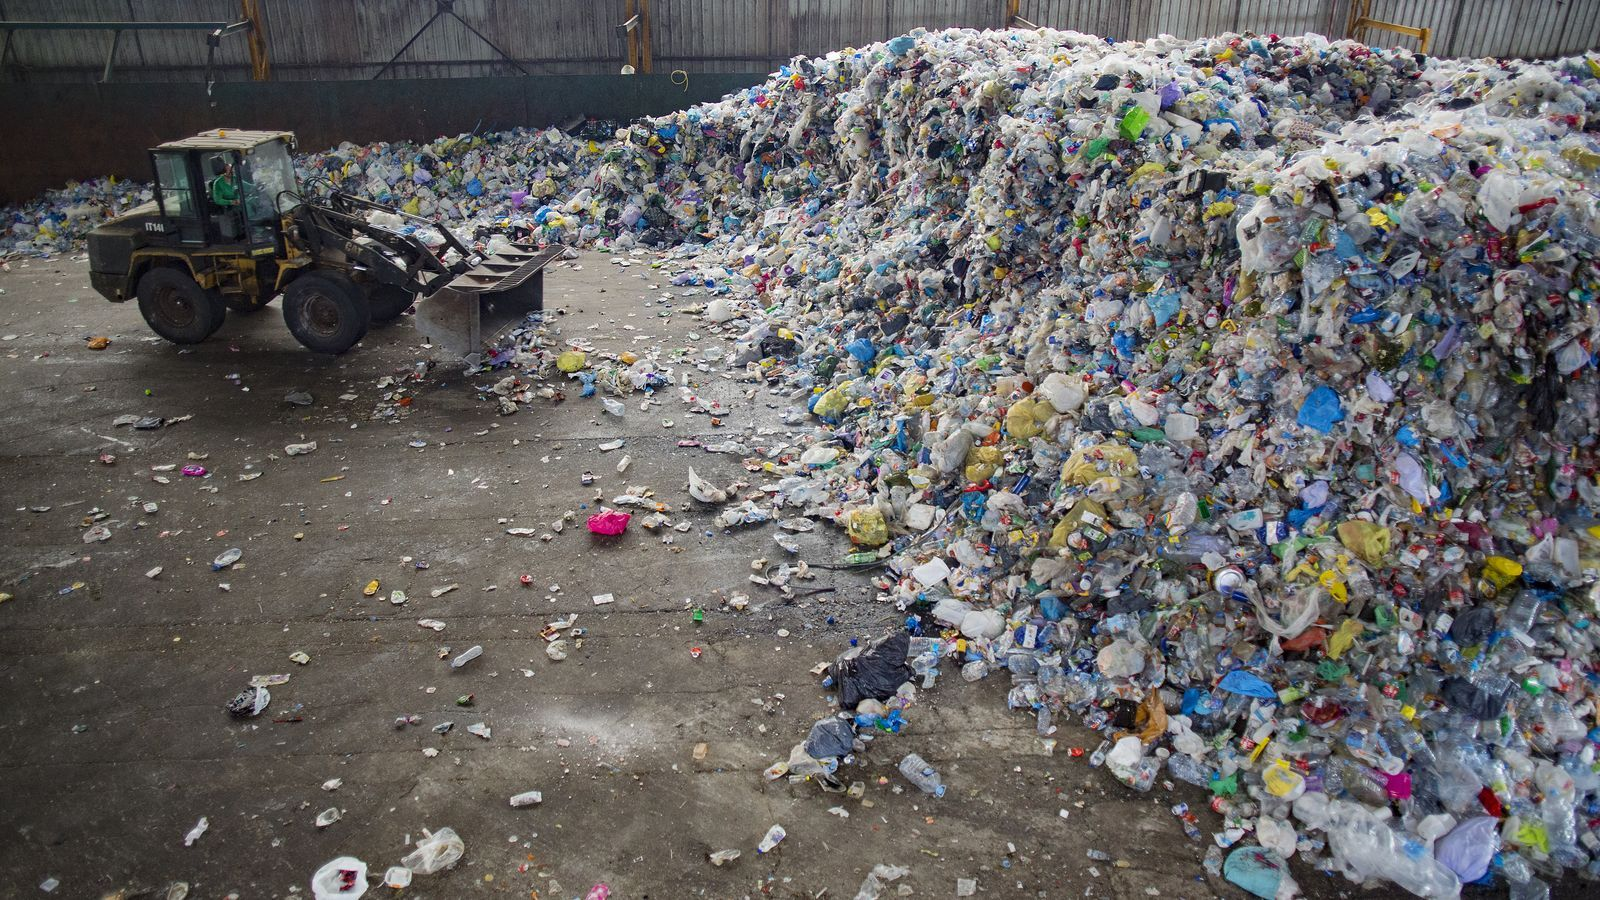 La planta de triatge de Gavà-Viladecans, que gestiona gran part dels envasos de plàstic de l'àrea metropolitana de Barcelona / FRANCESC MELCION